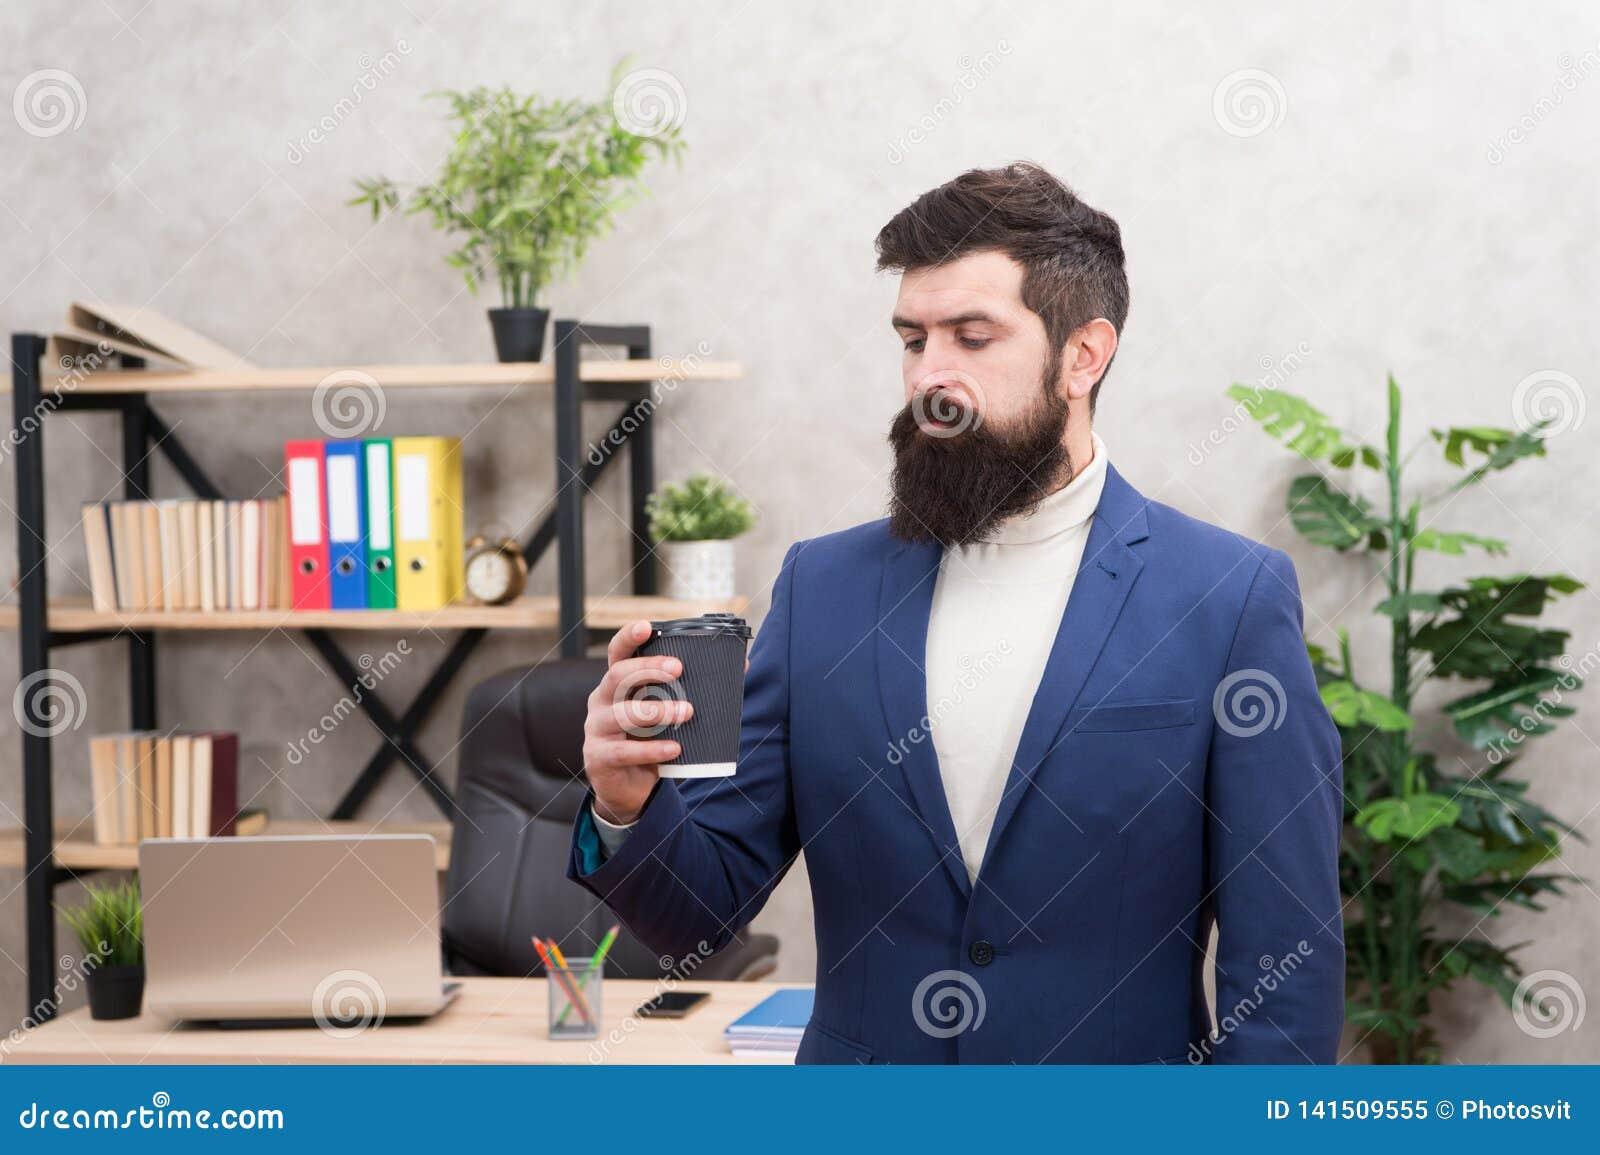 Grundkaffee verbessert Bürokultur Managergeschäftsmannunternehmer-Grifftasse kaffee des Mannes bärtiger Entspannter Manager